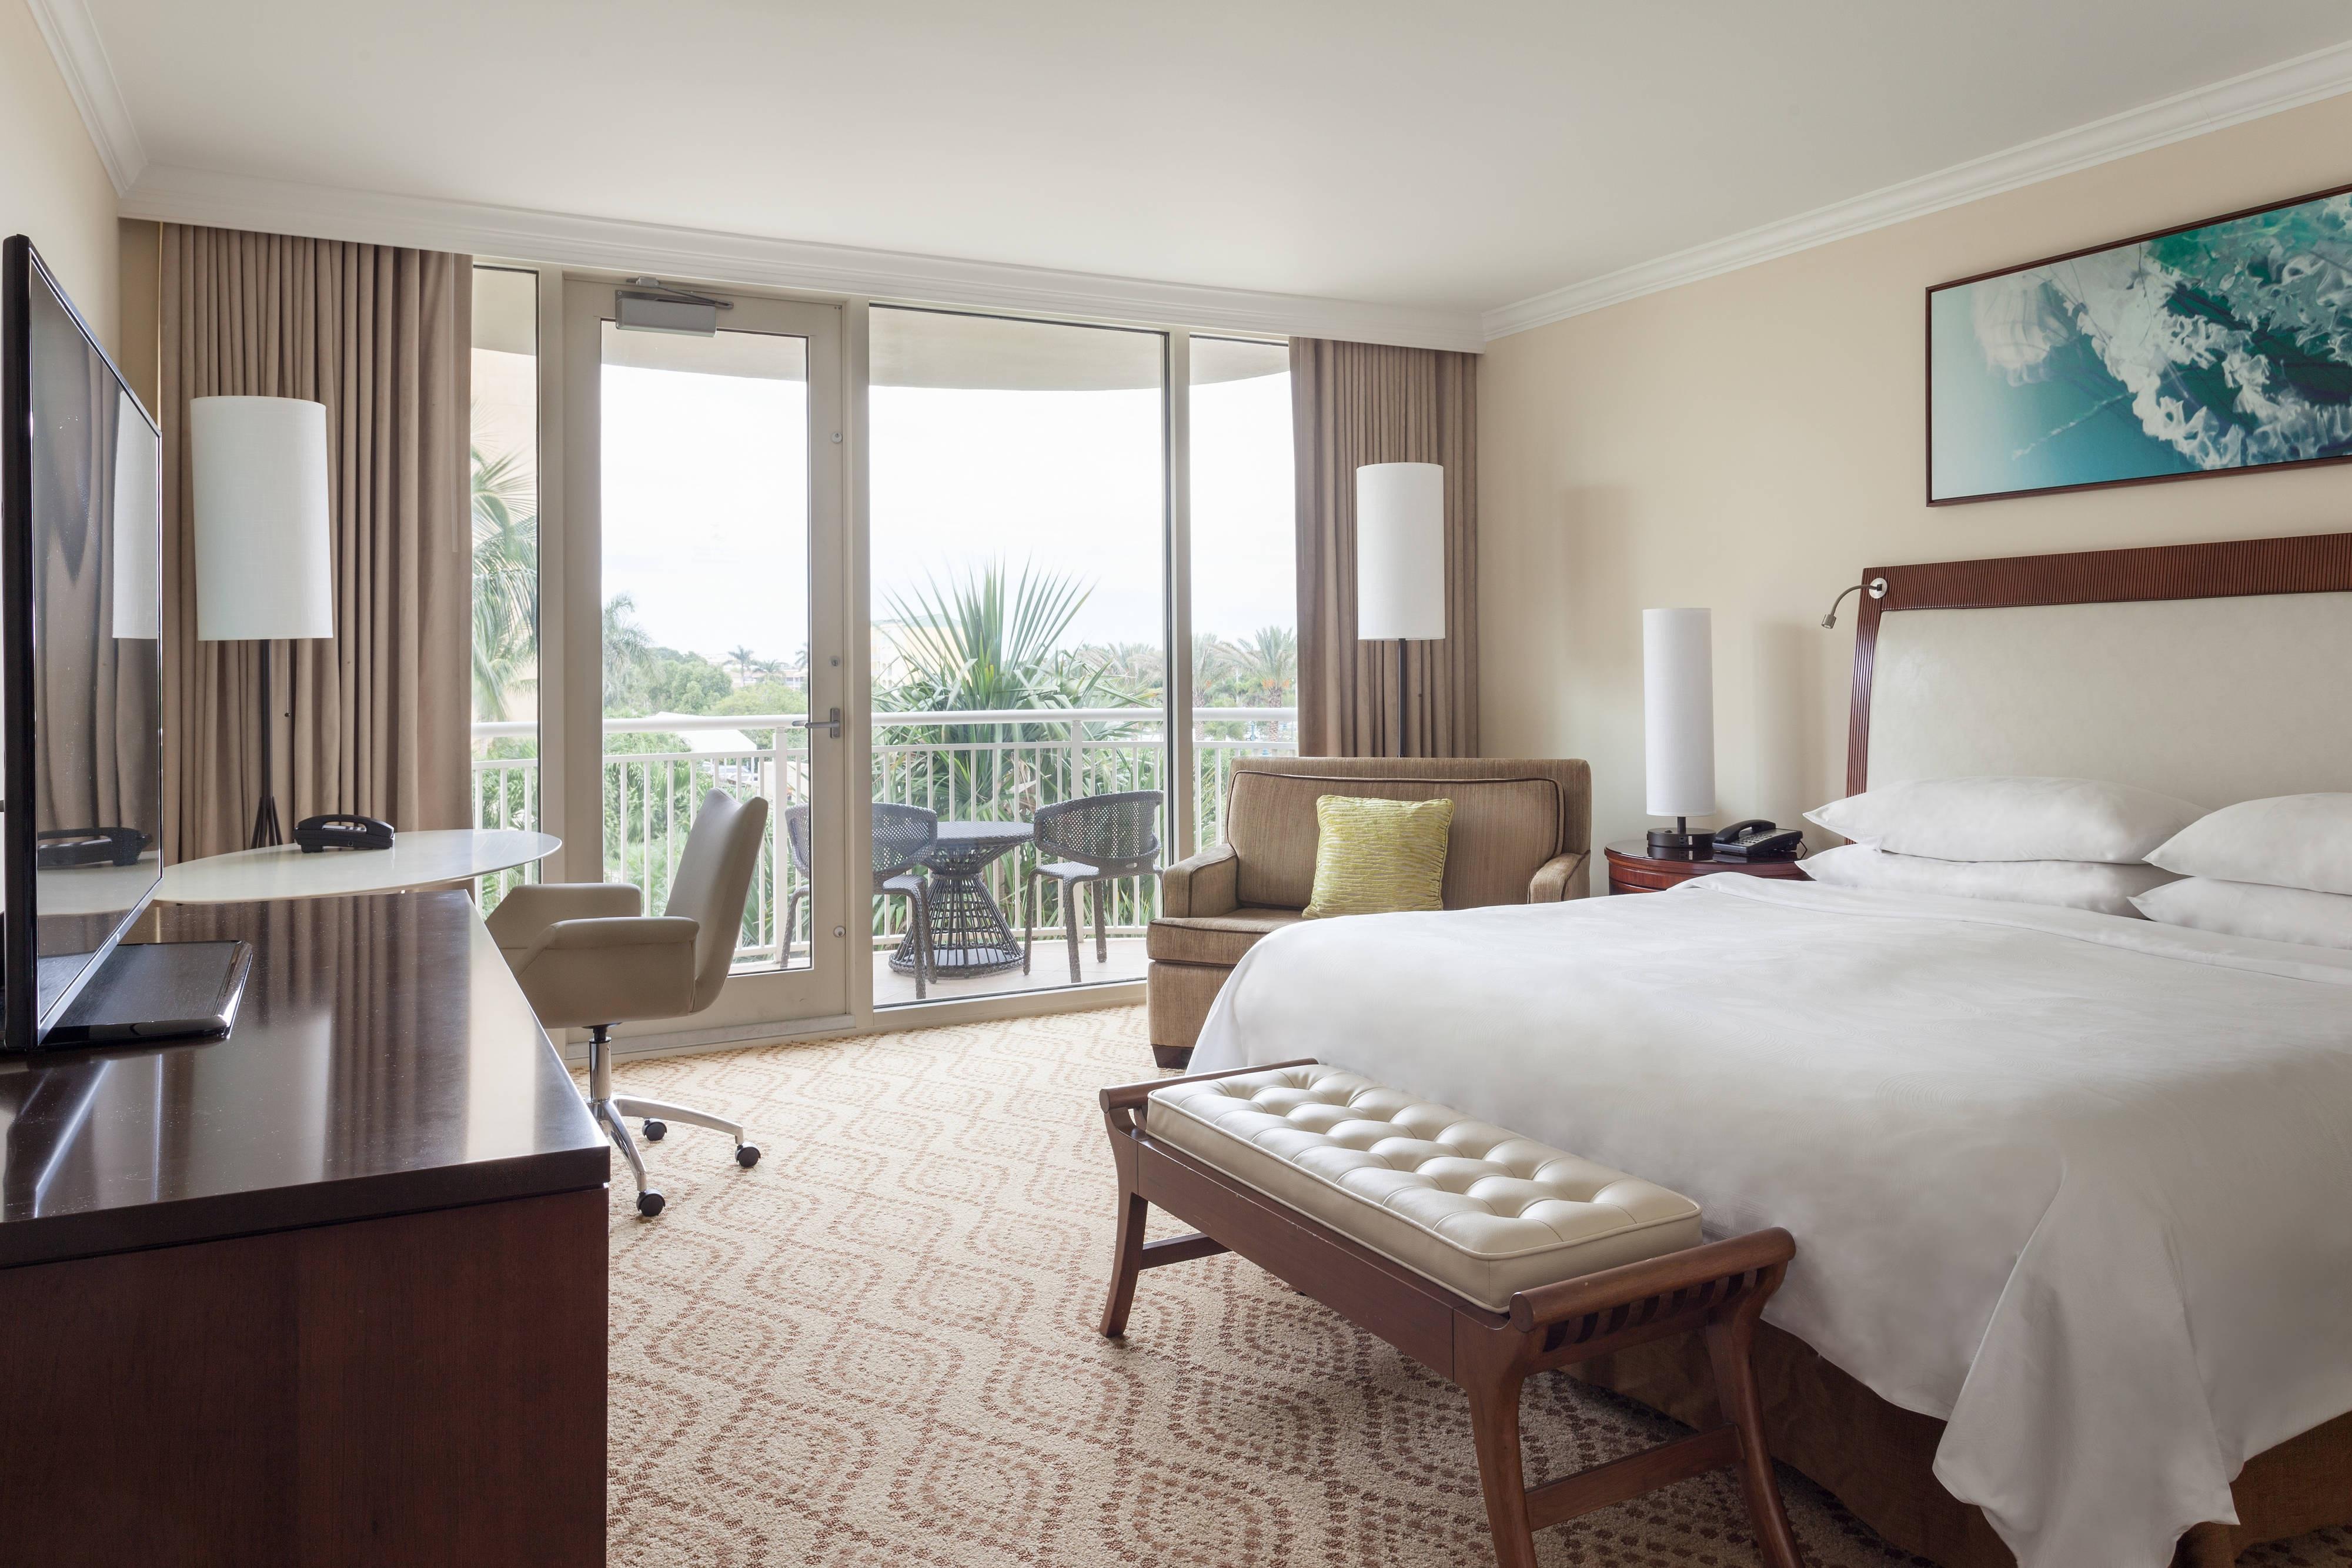 Chambre avec lit king size, sans vue sur la mer